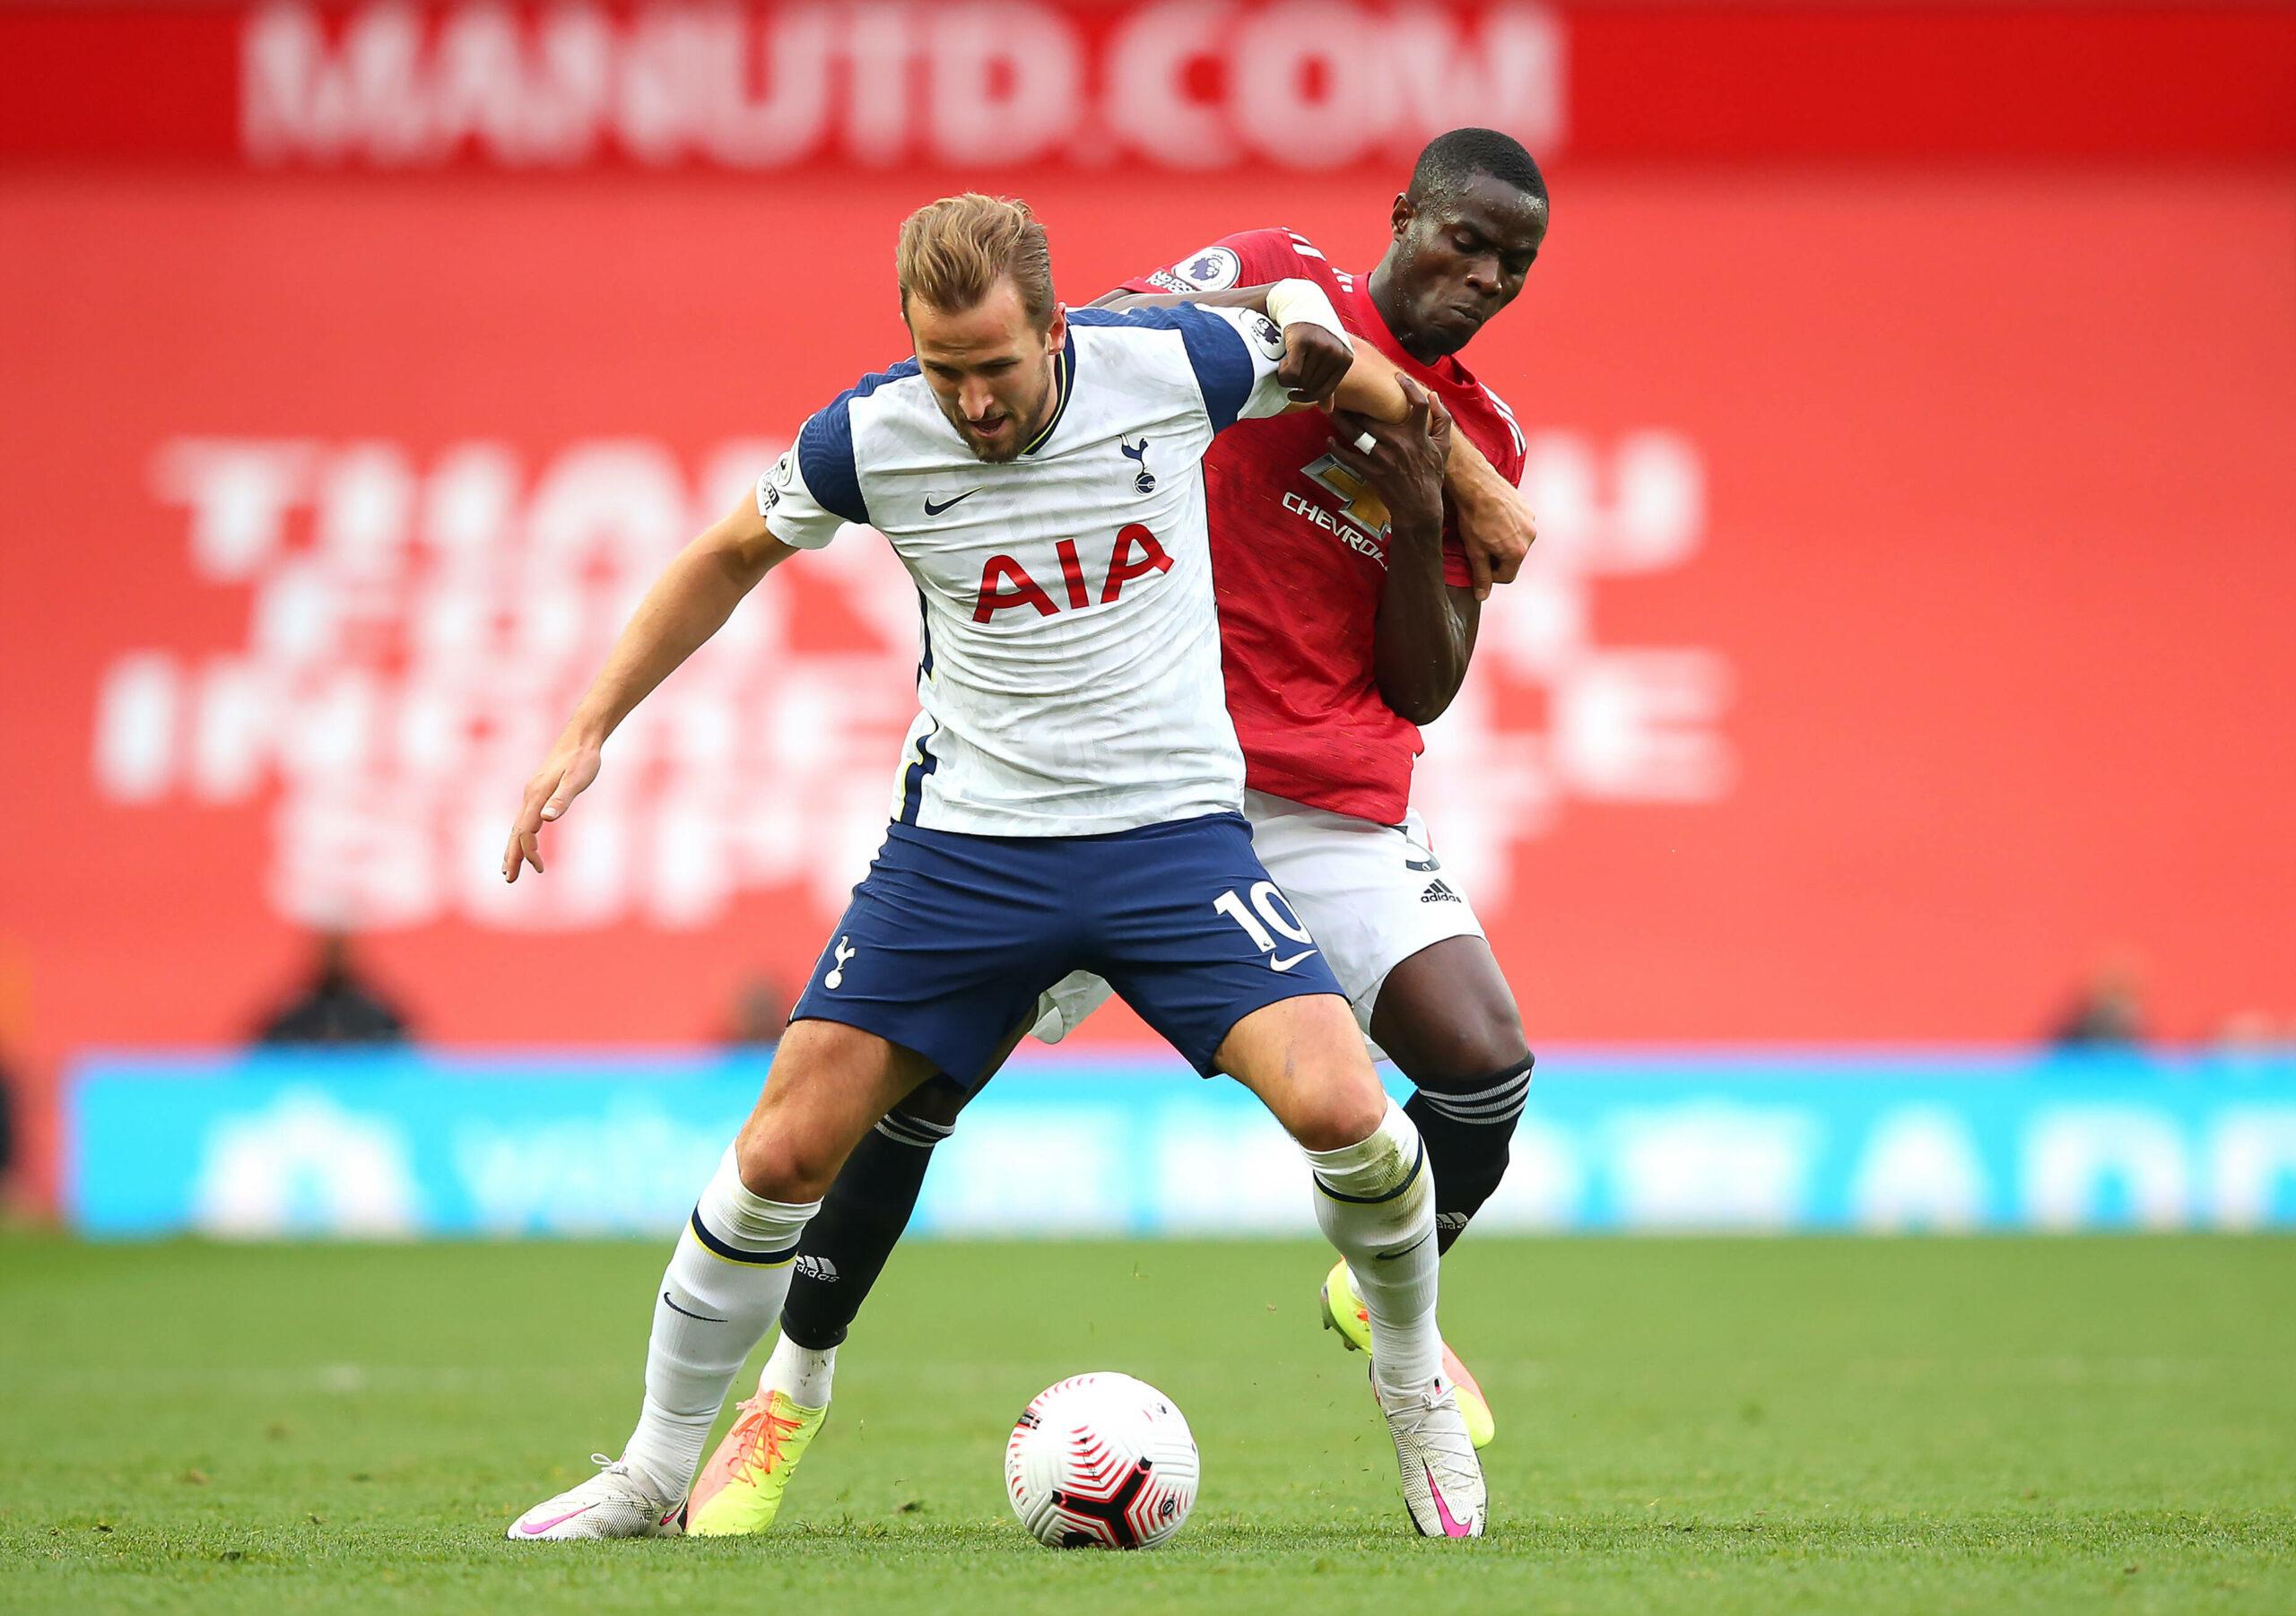 Kane (Spurs) und Bailly (ManUtd) liefern sich Zweikampf